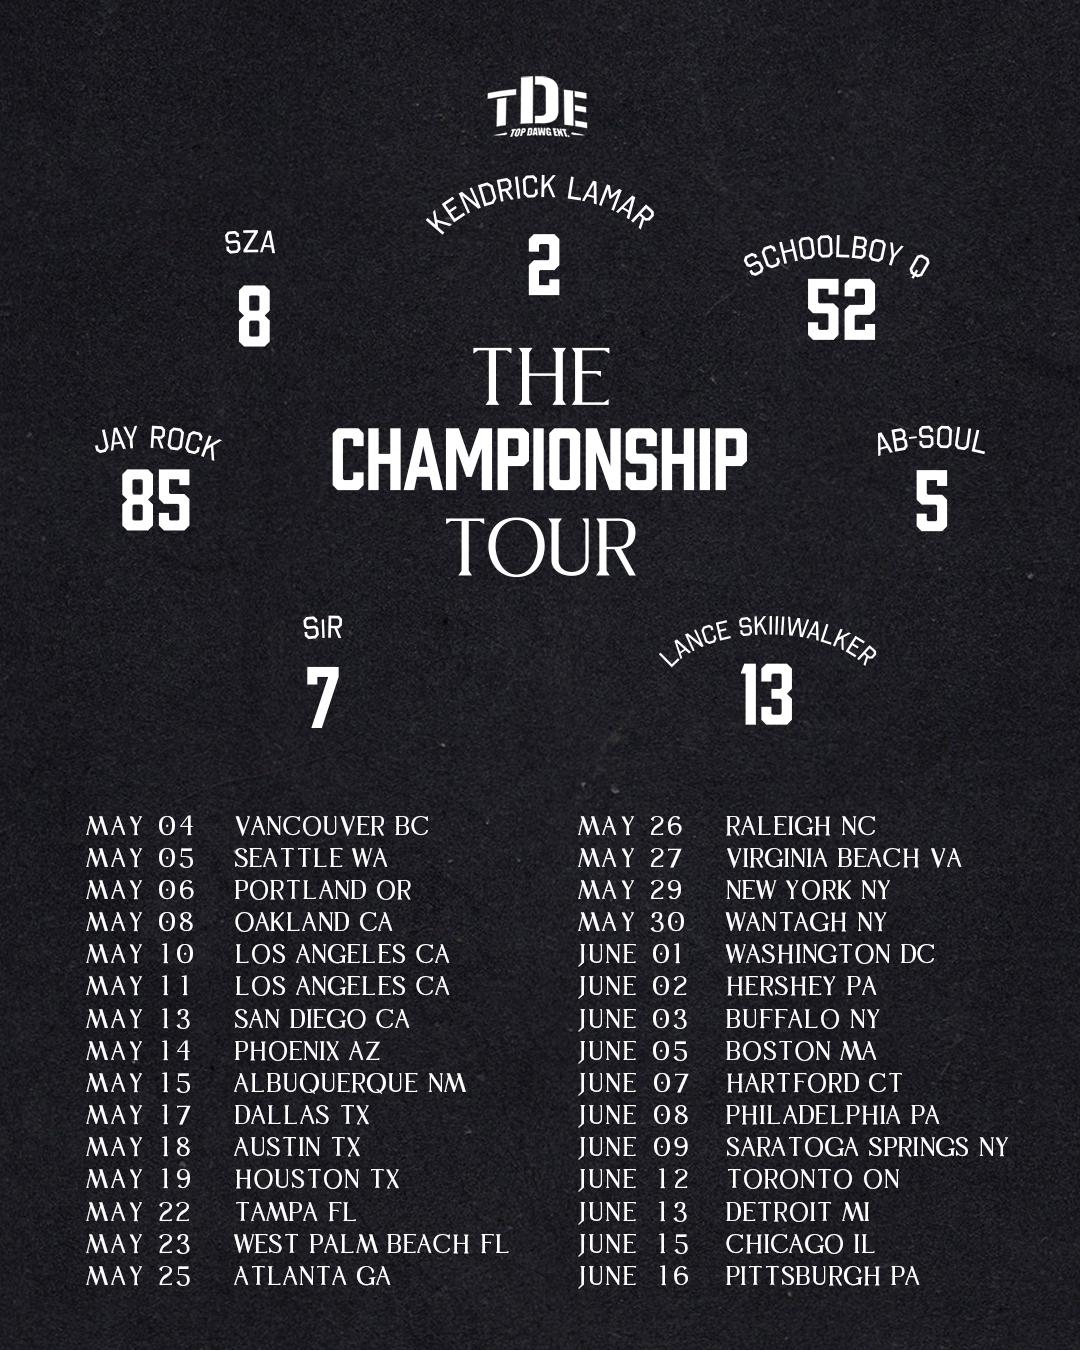 TDE Tour